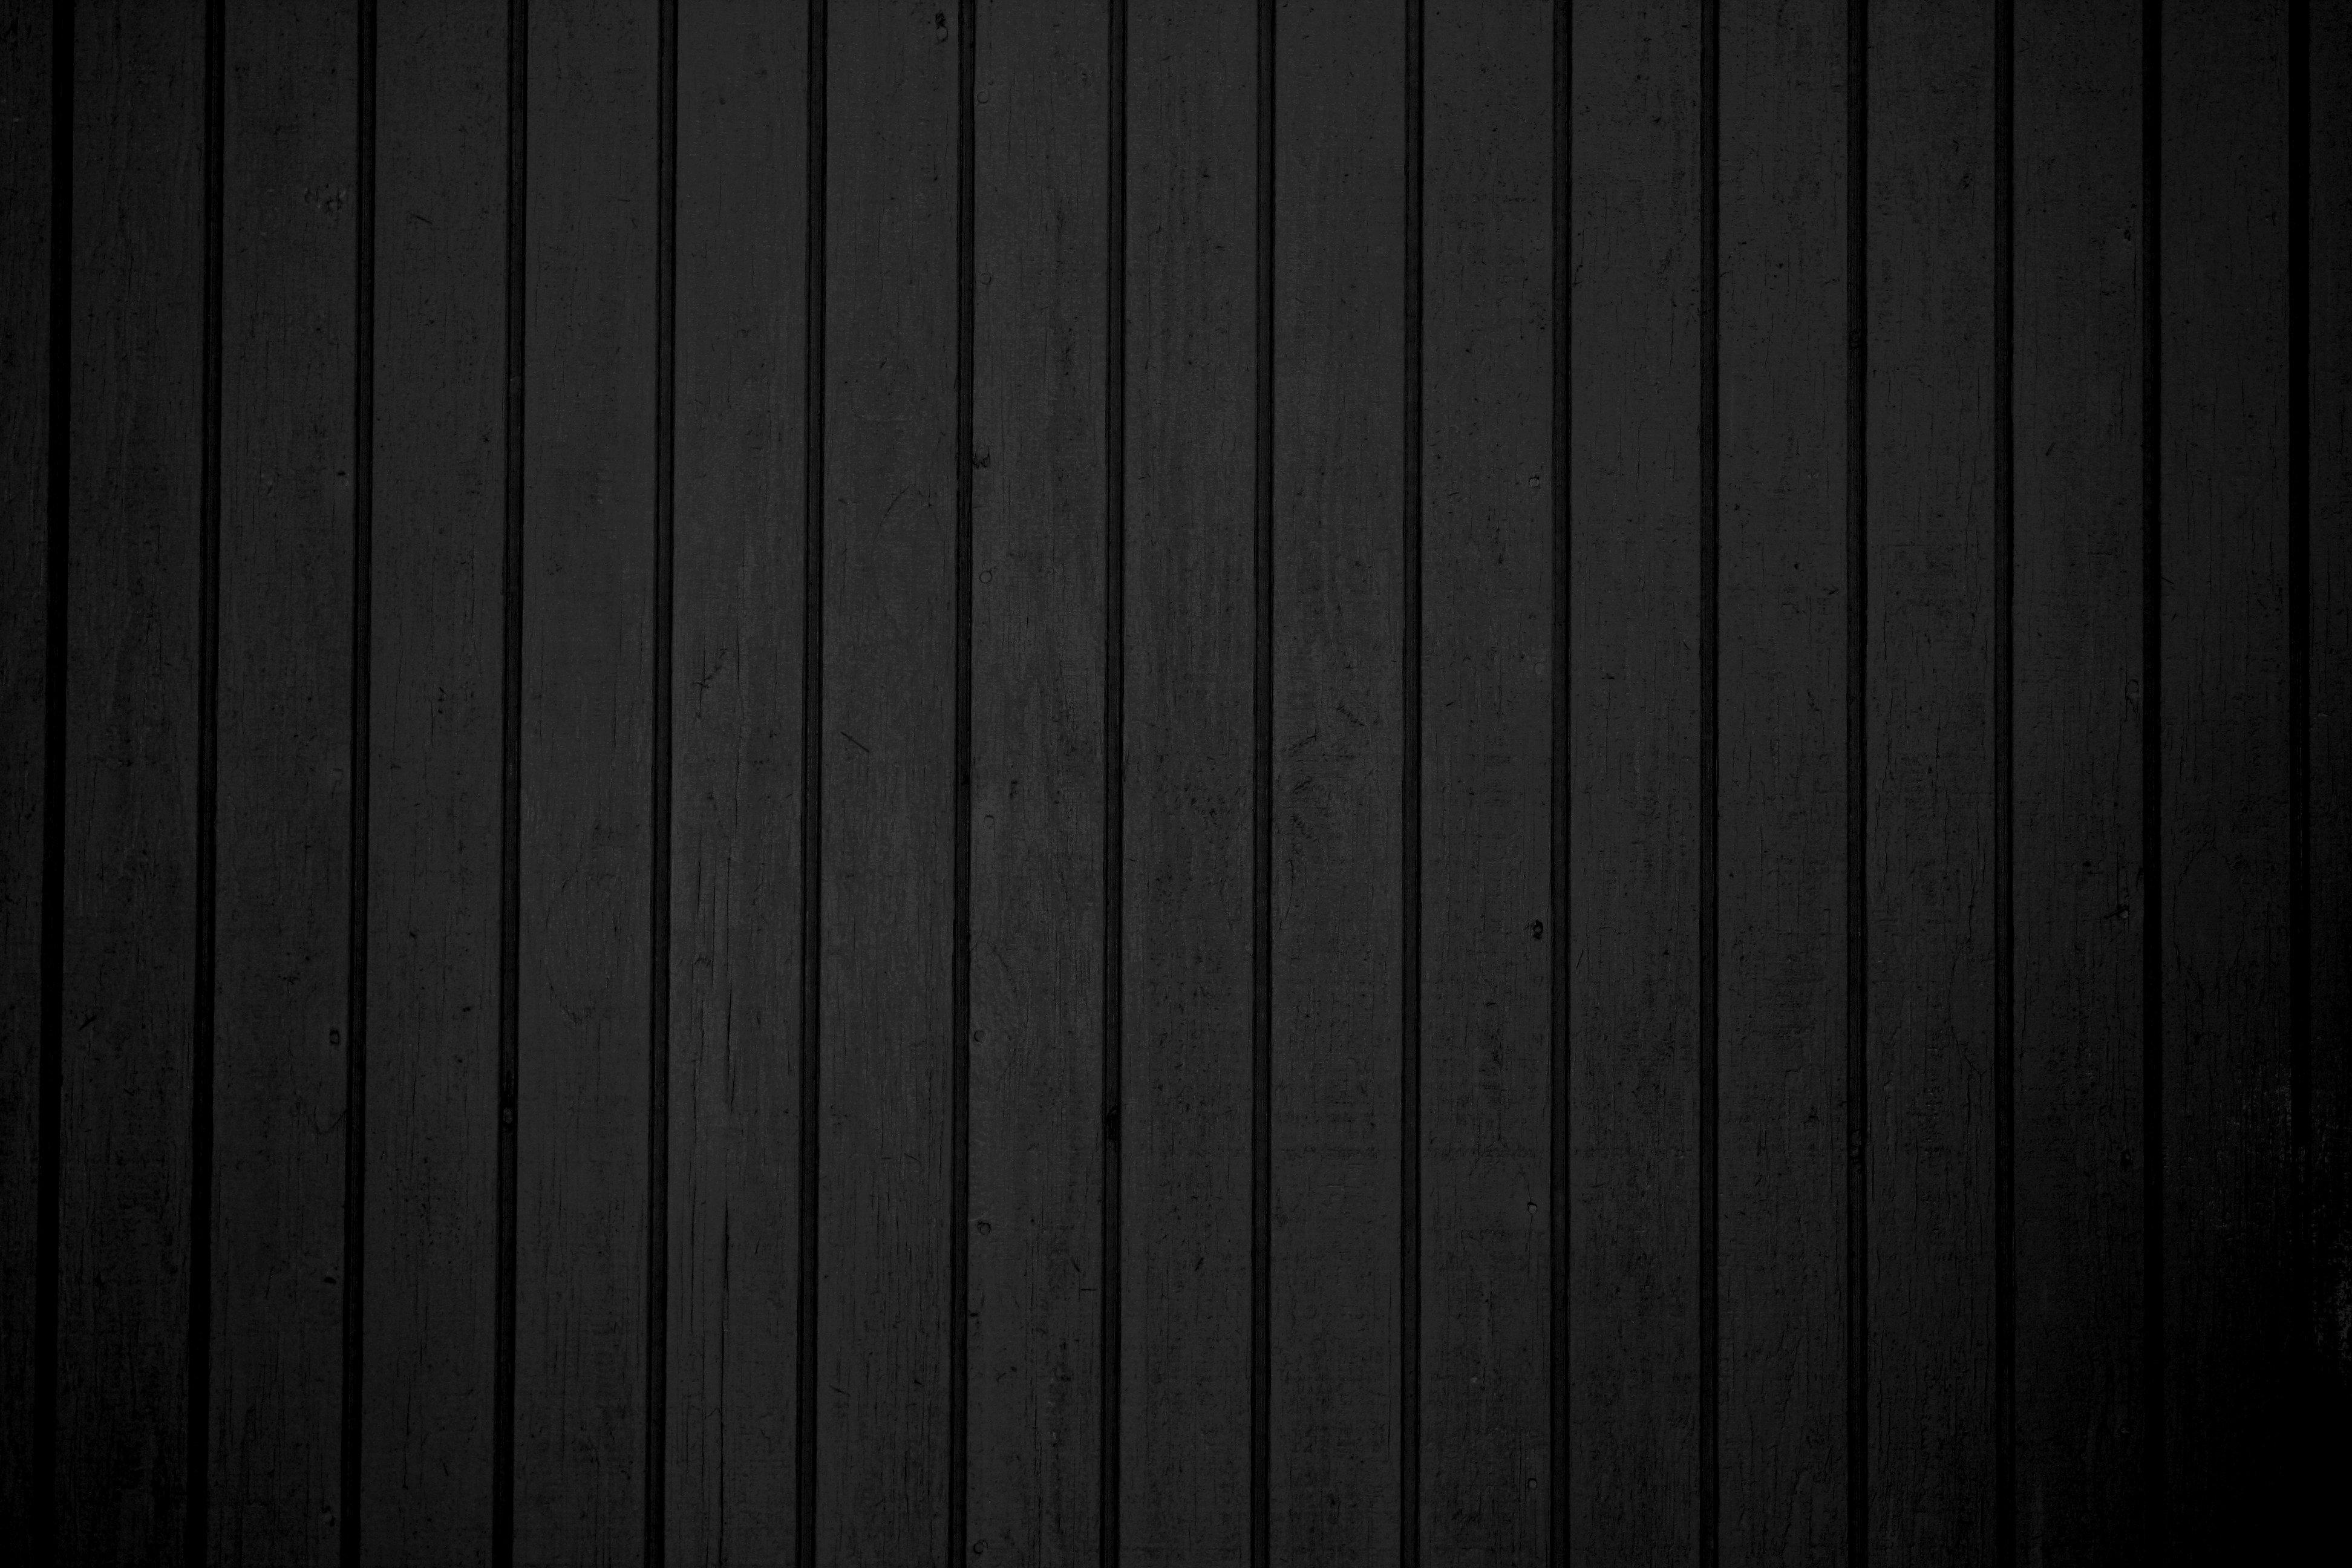 Black Textured Website Backgrounds | Slide Background Edit